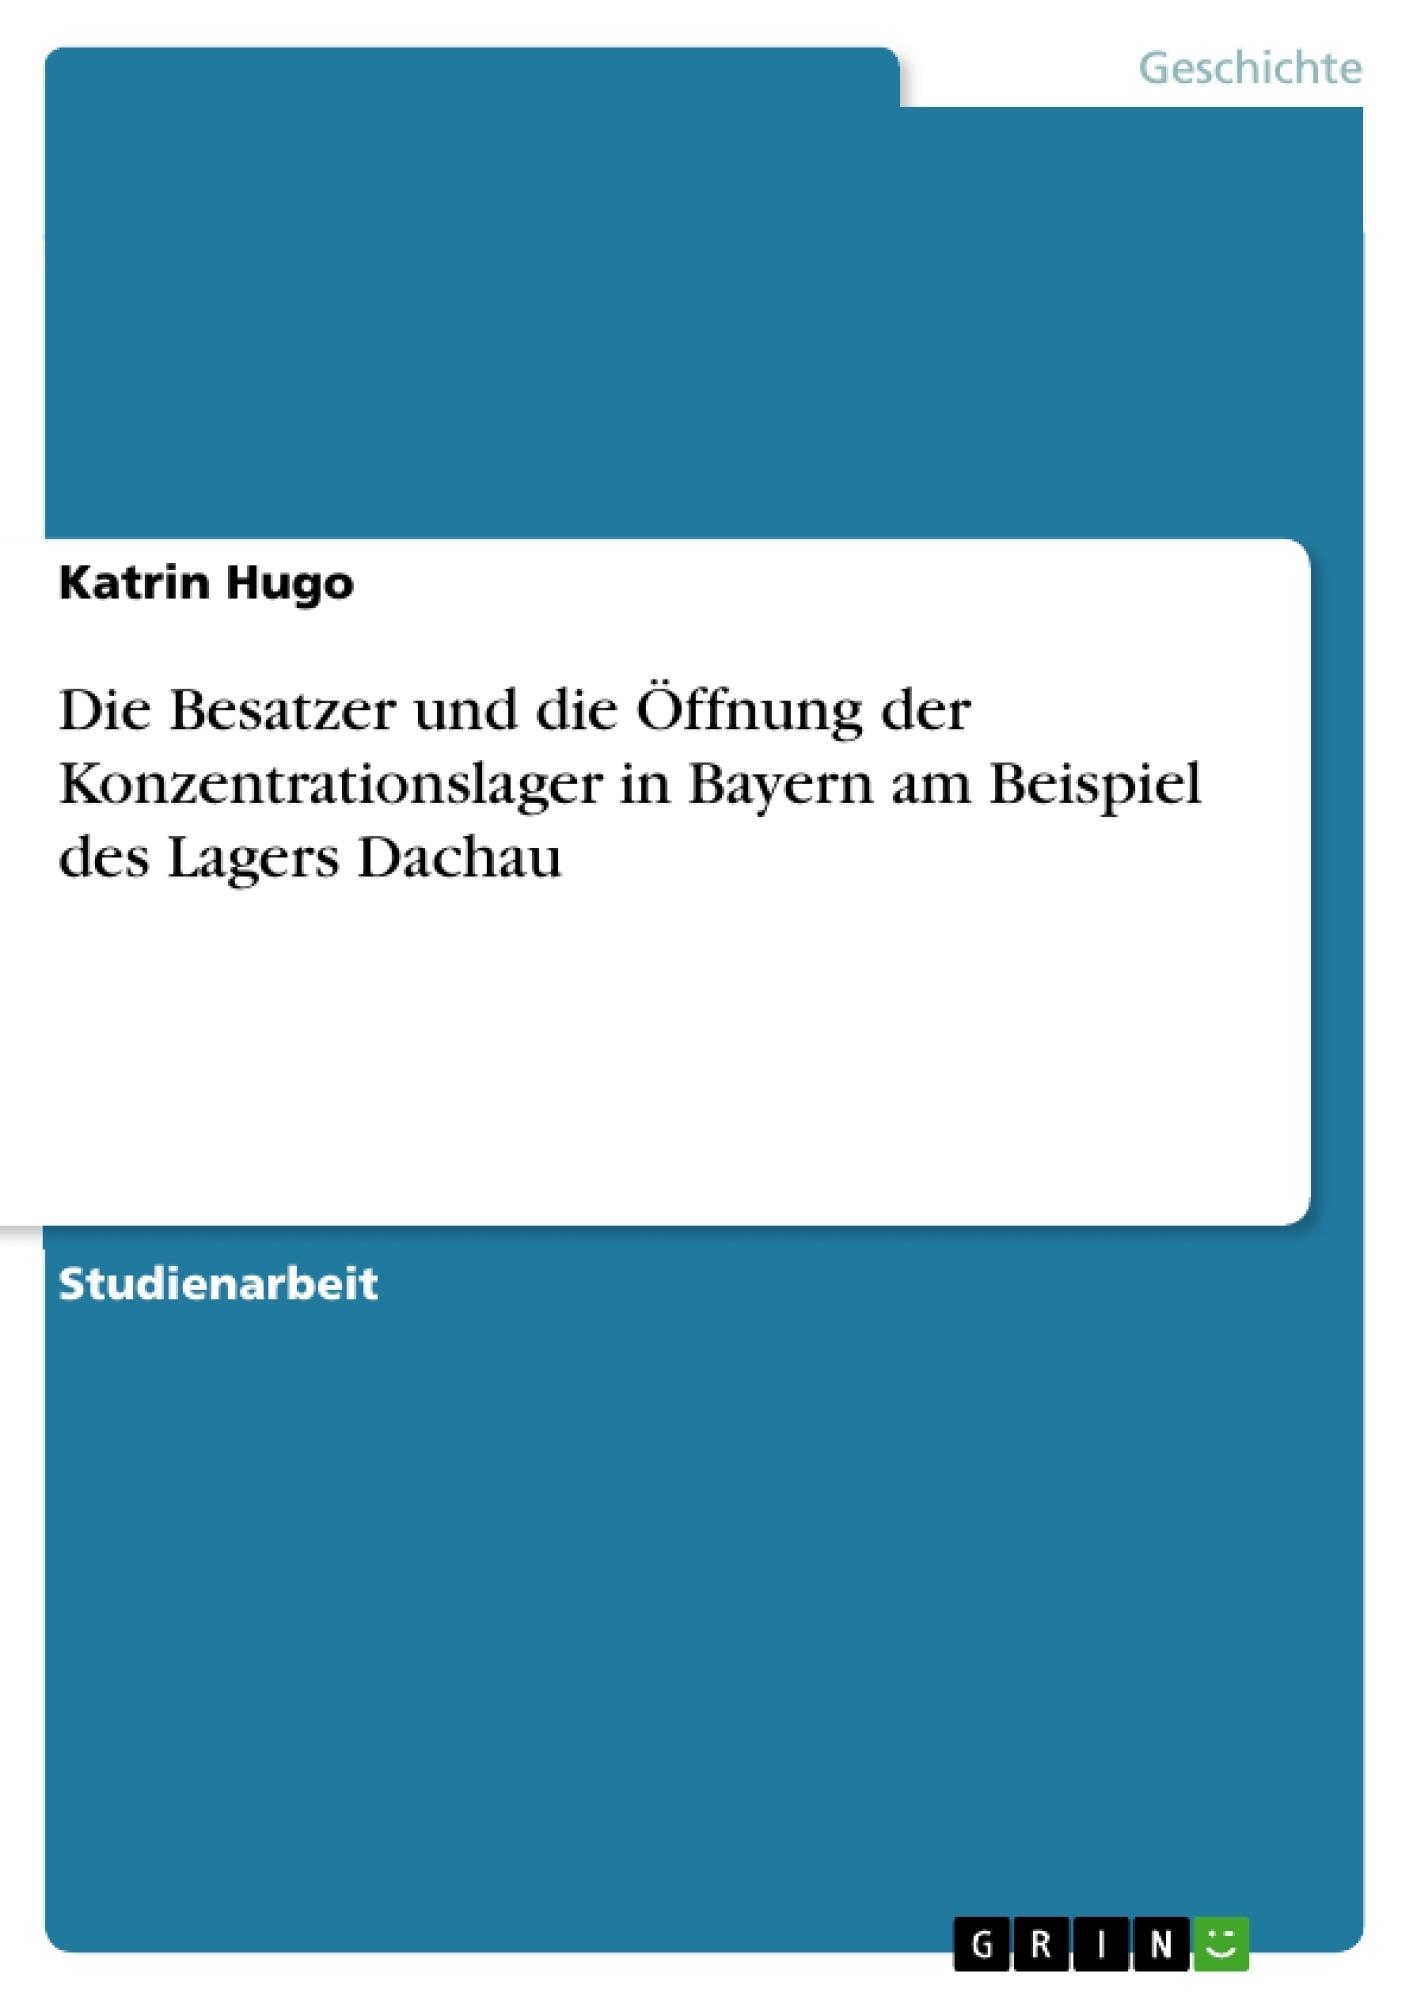 Titel: Die Besatzer und die Öffnung der Konzentrationslager in Bayern am Beispiel des Lagers Dachau